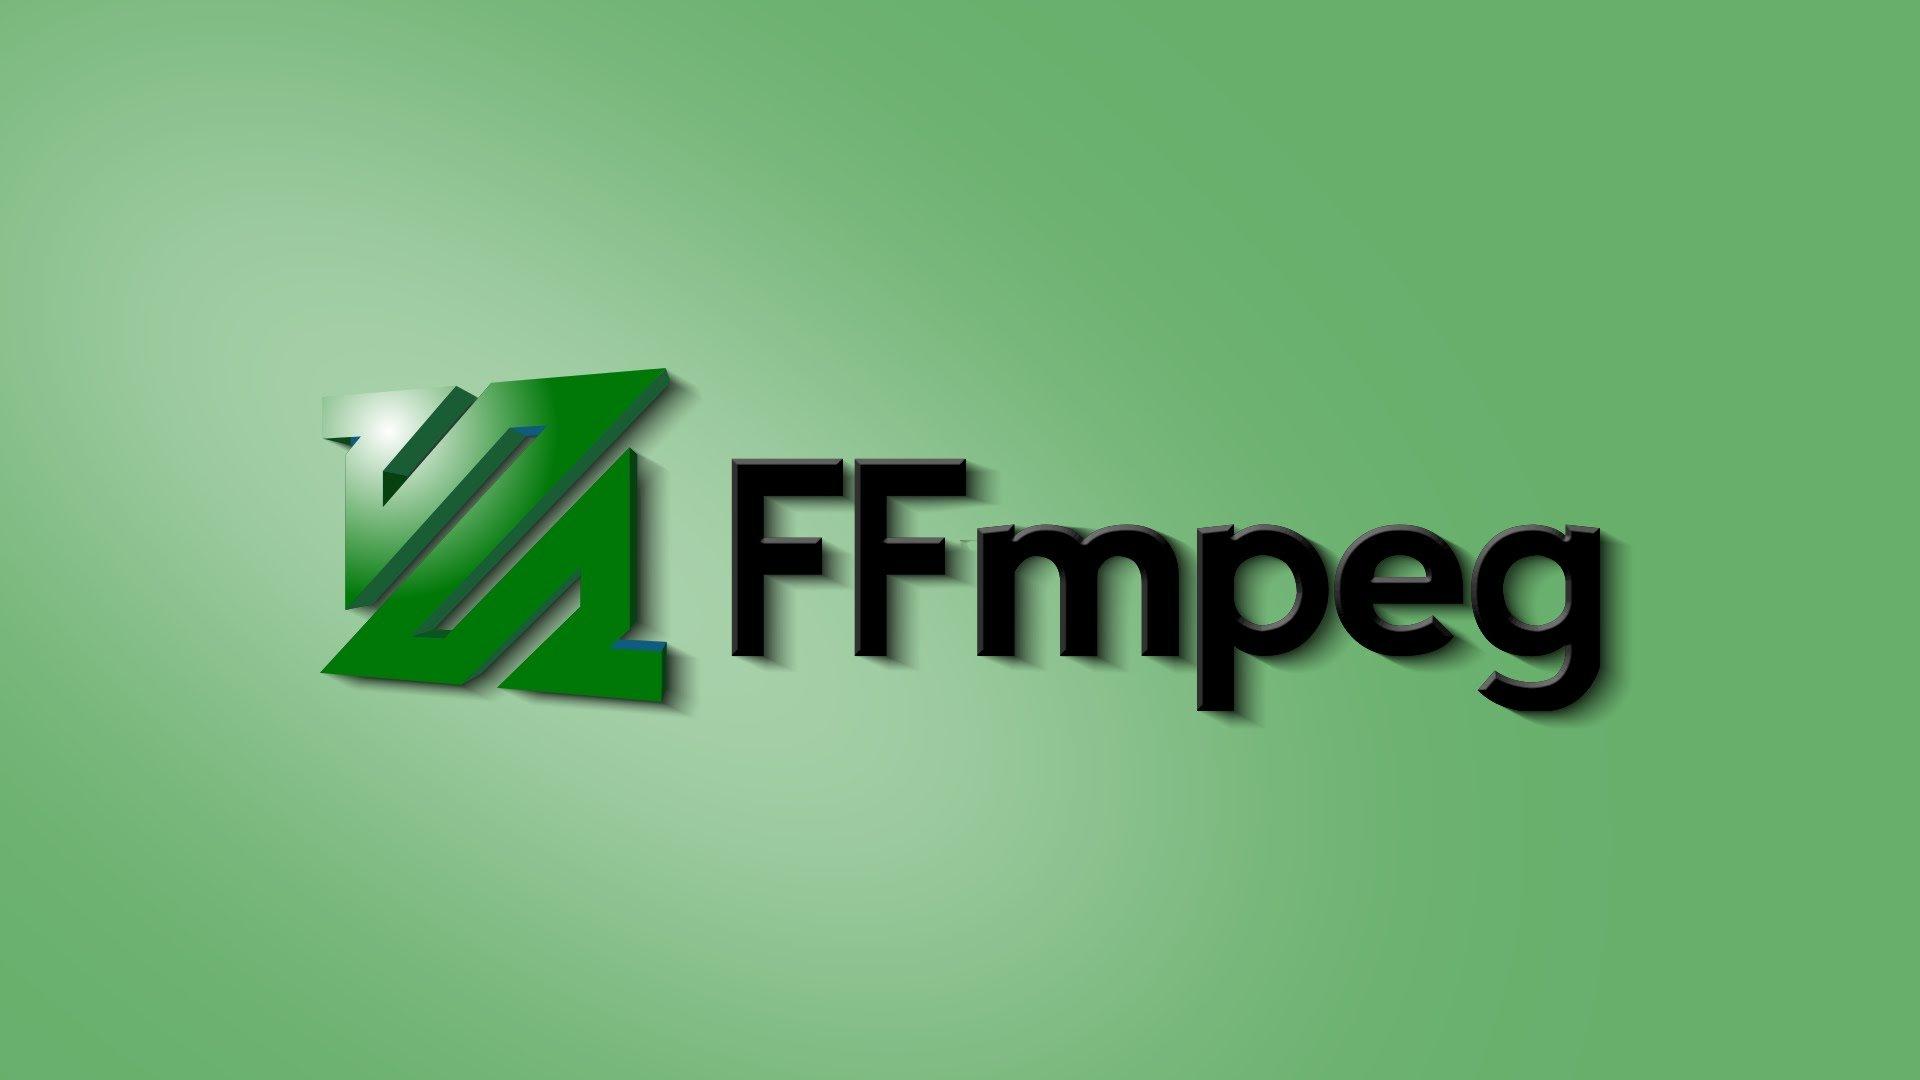 FFmpeg v4.2 正式版-增加 AV1 视频解码及GIF 解析器